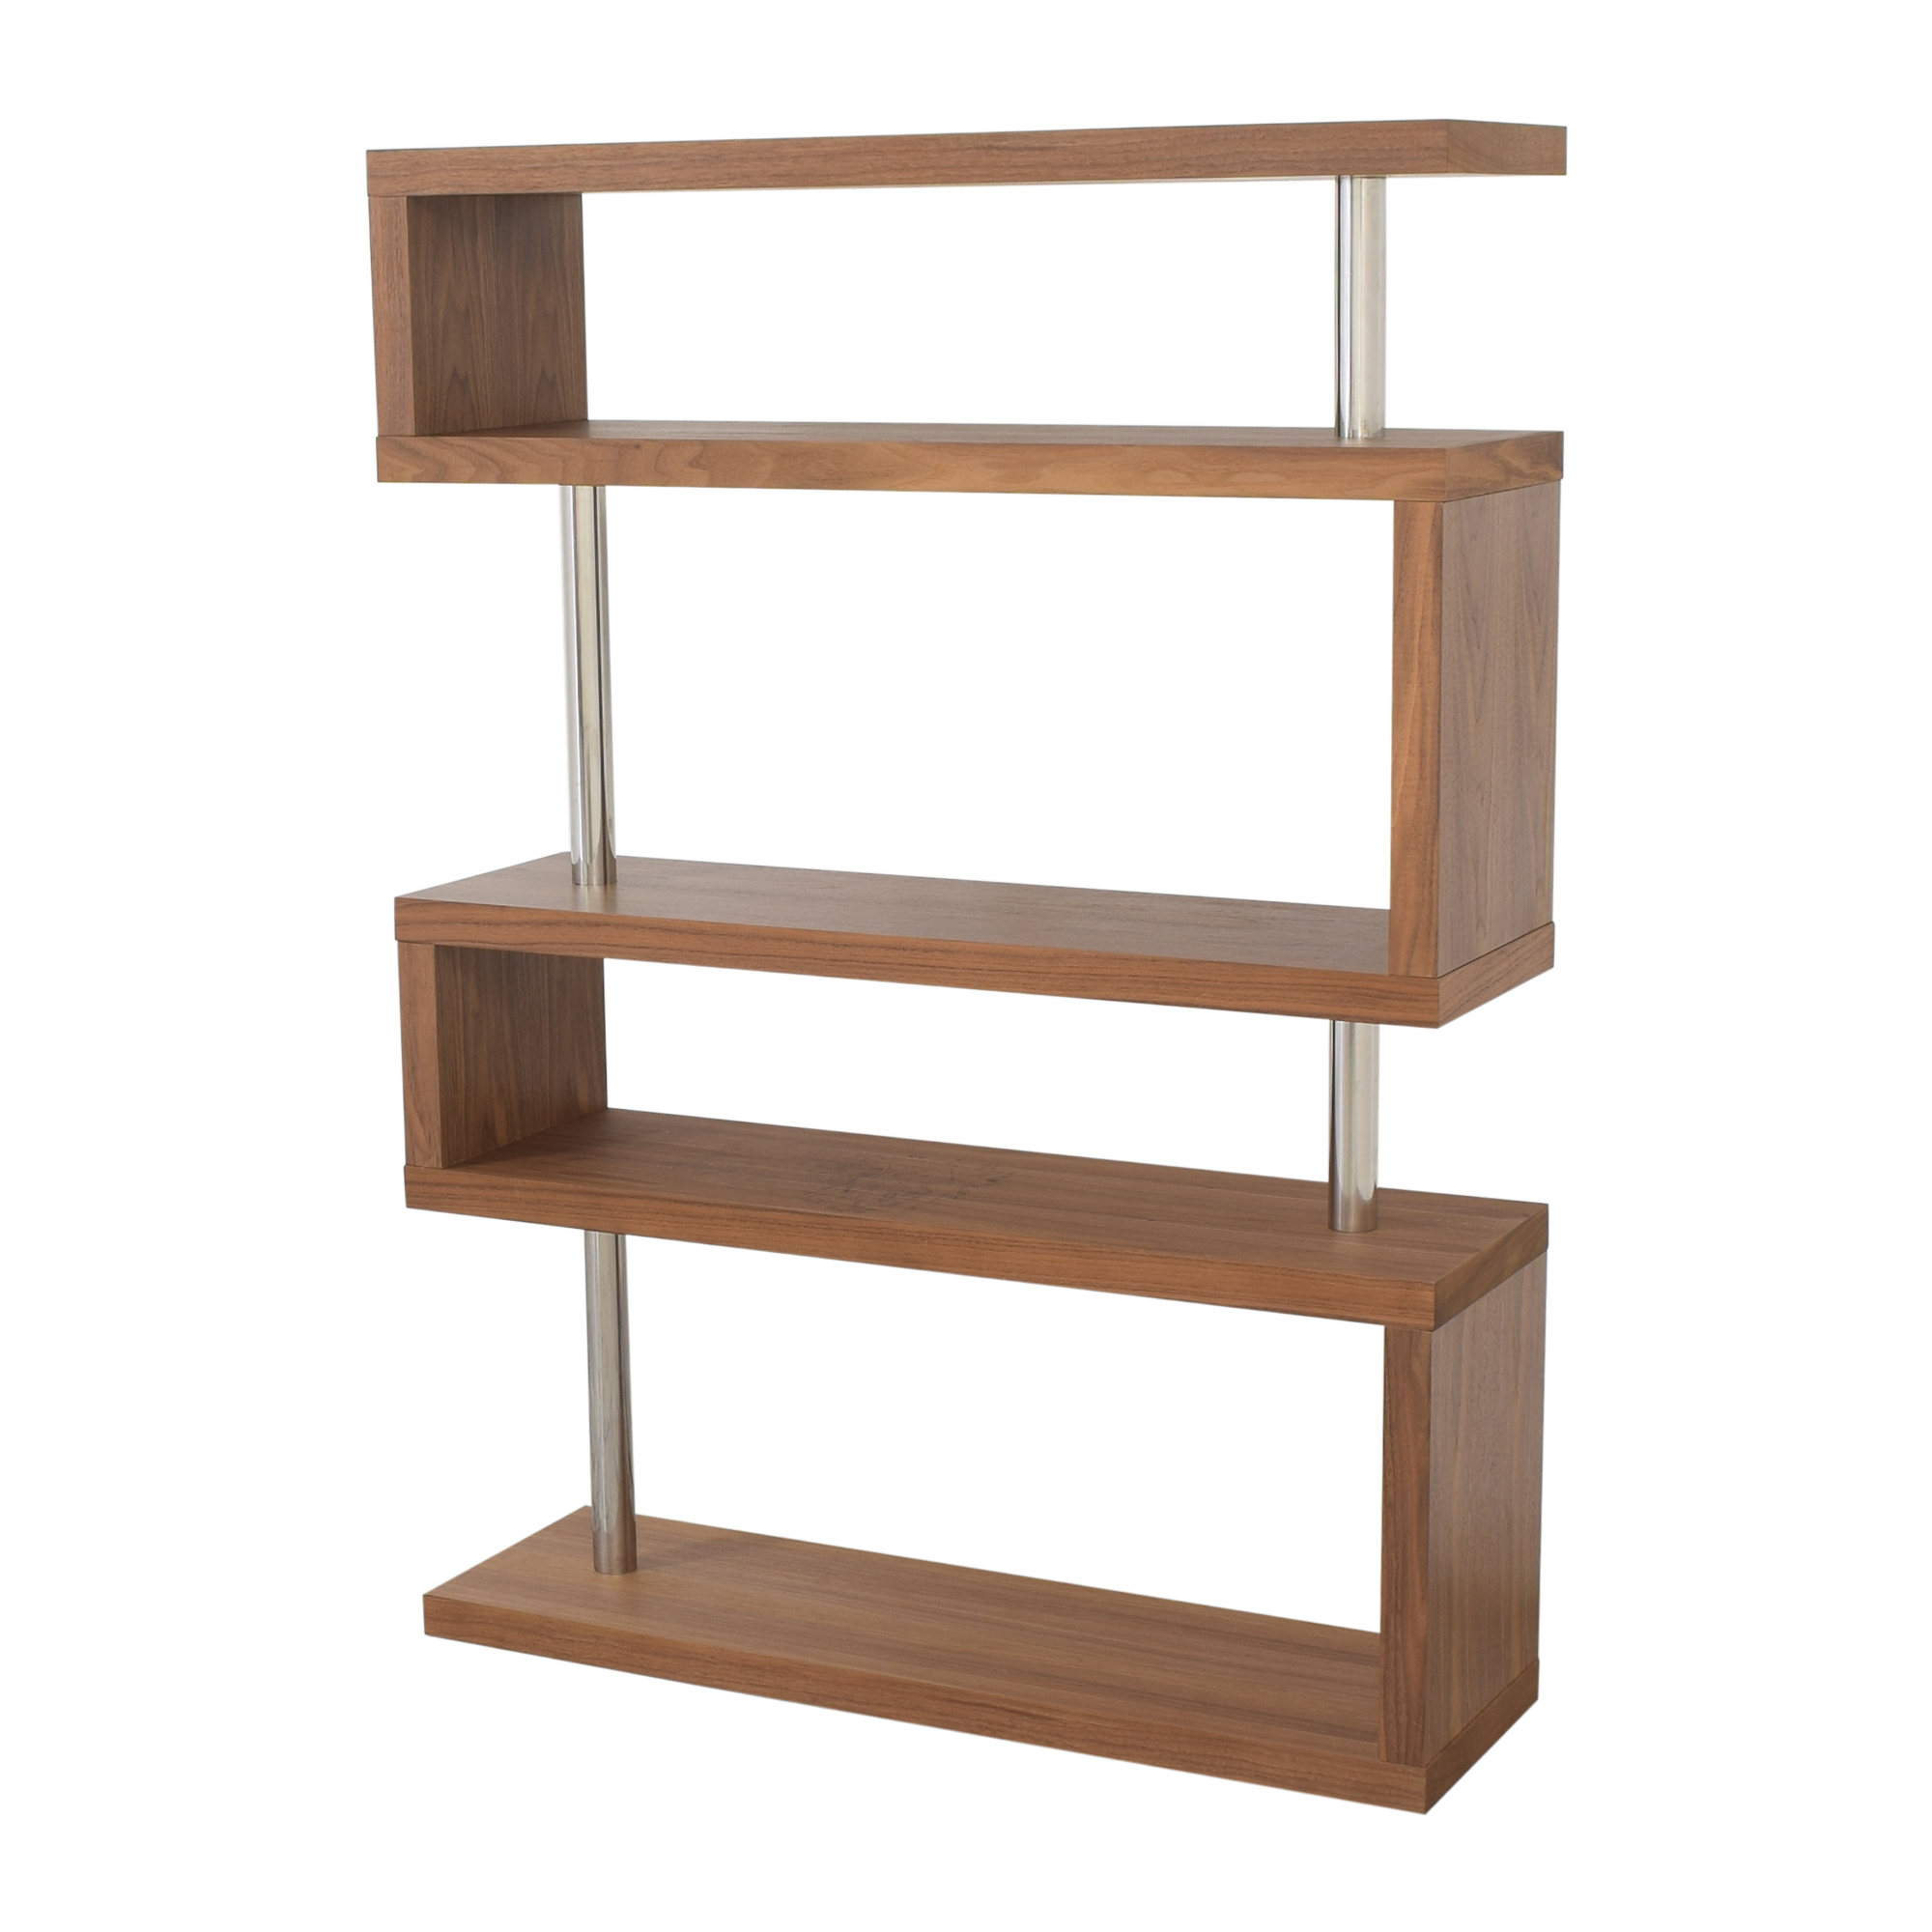 Modani Modani Edan Shelf used